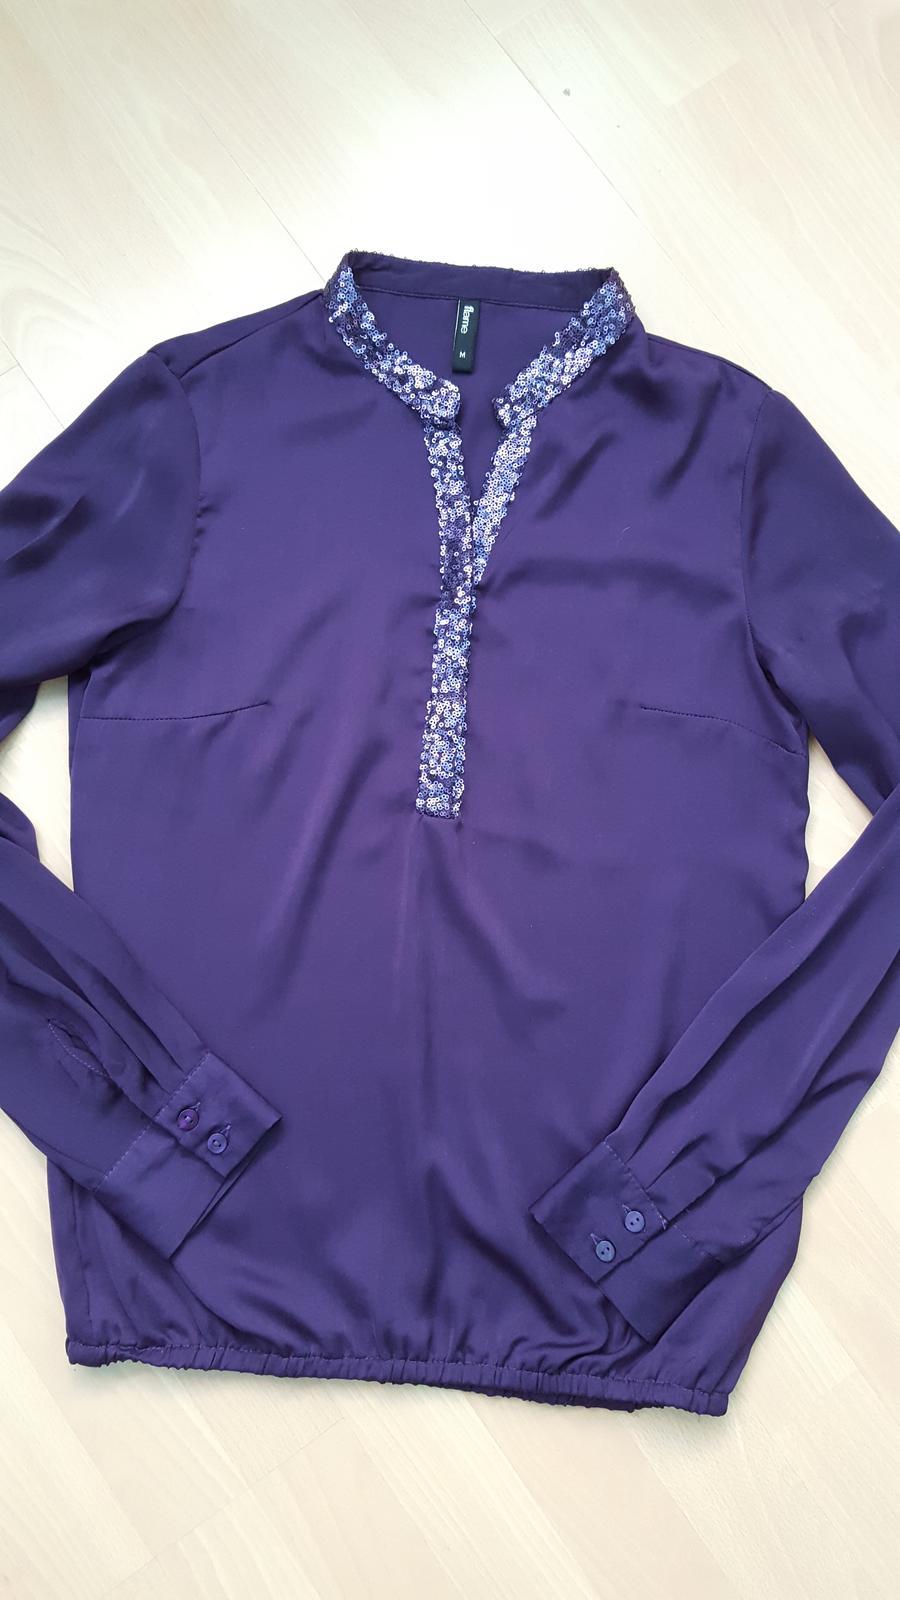 Tmavě fialová jemná halenka zn. Flame - Obrázek č. 1